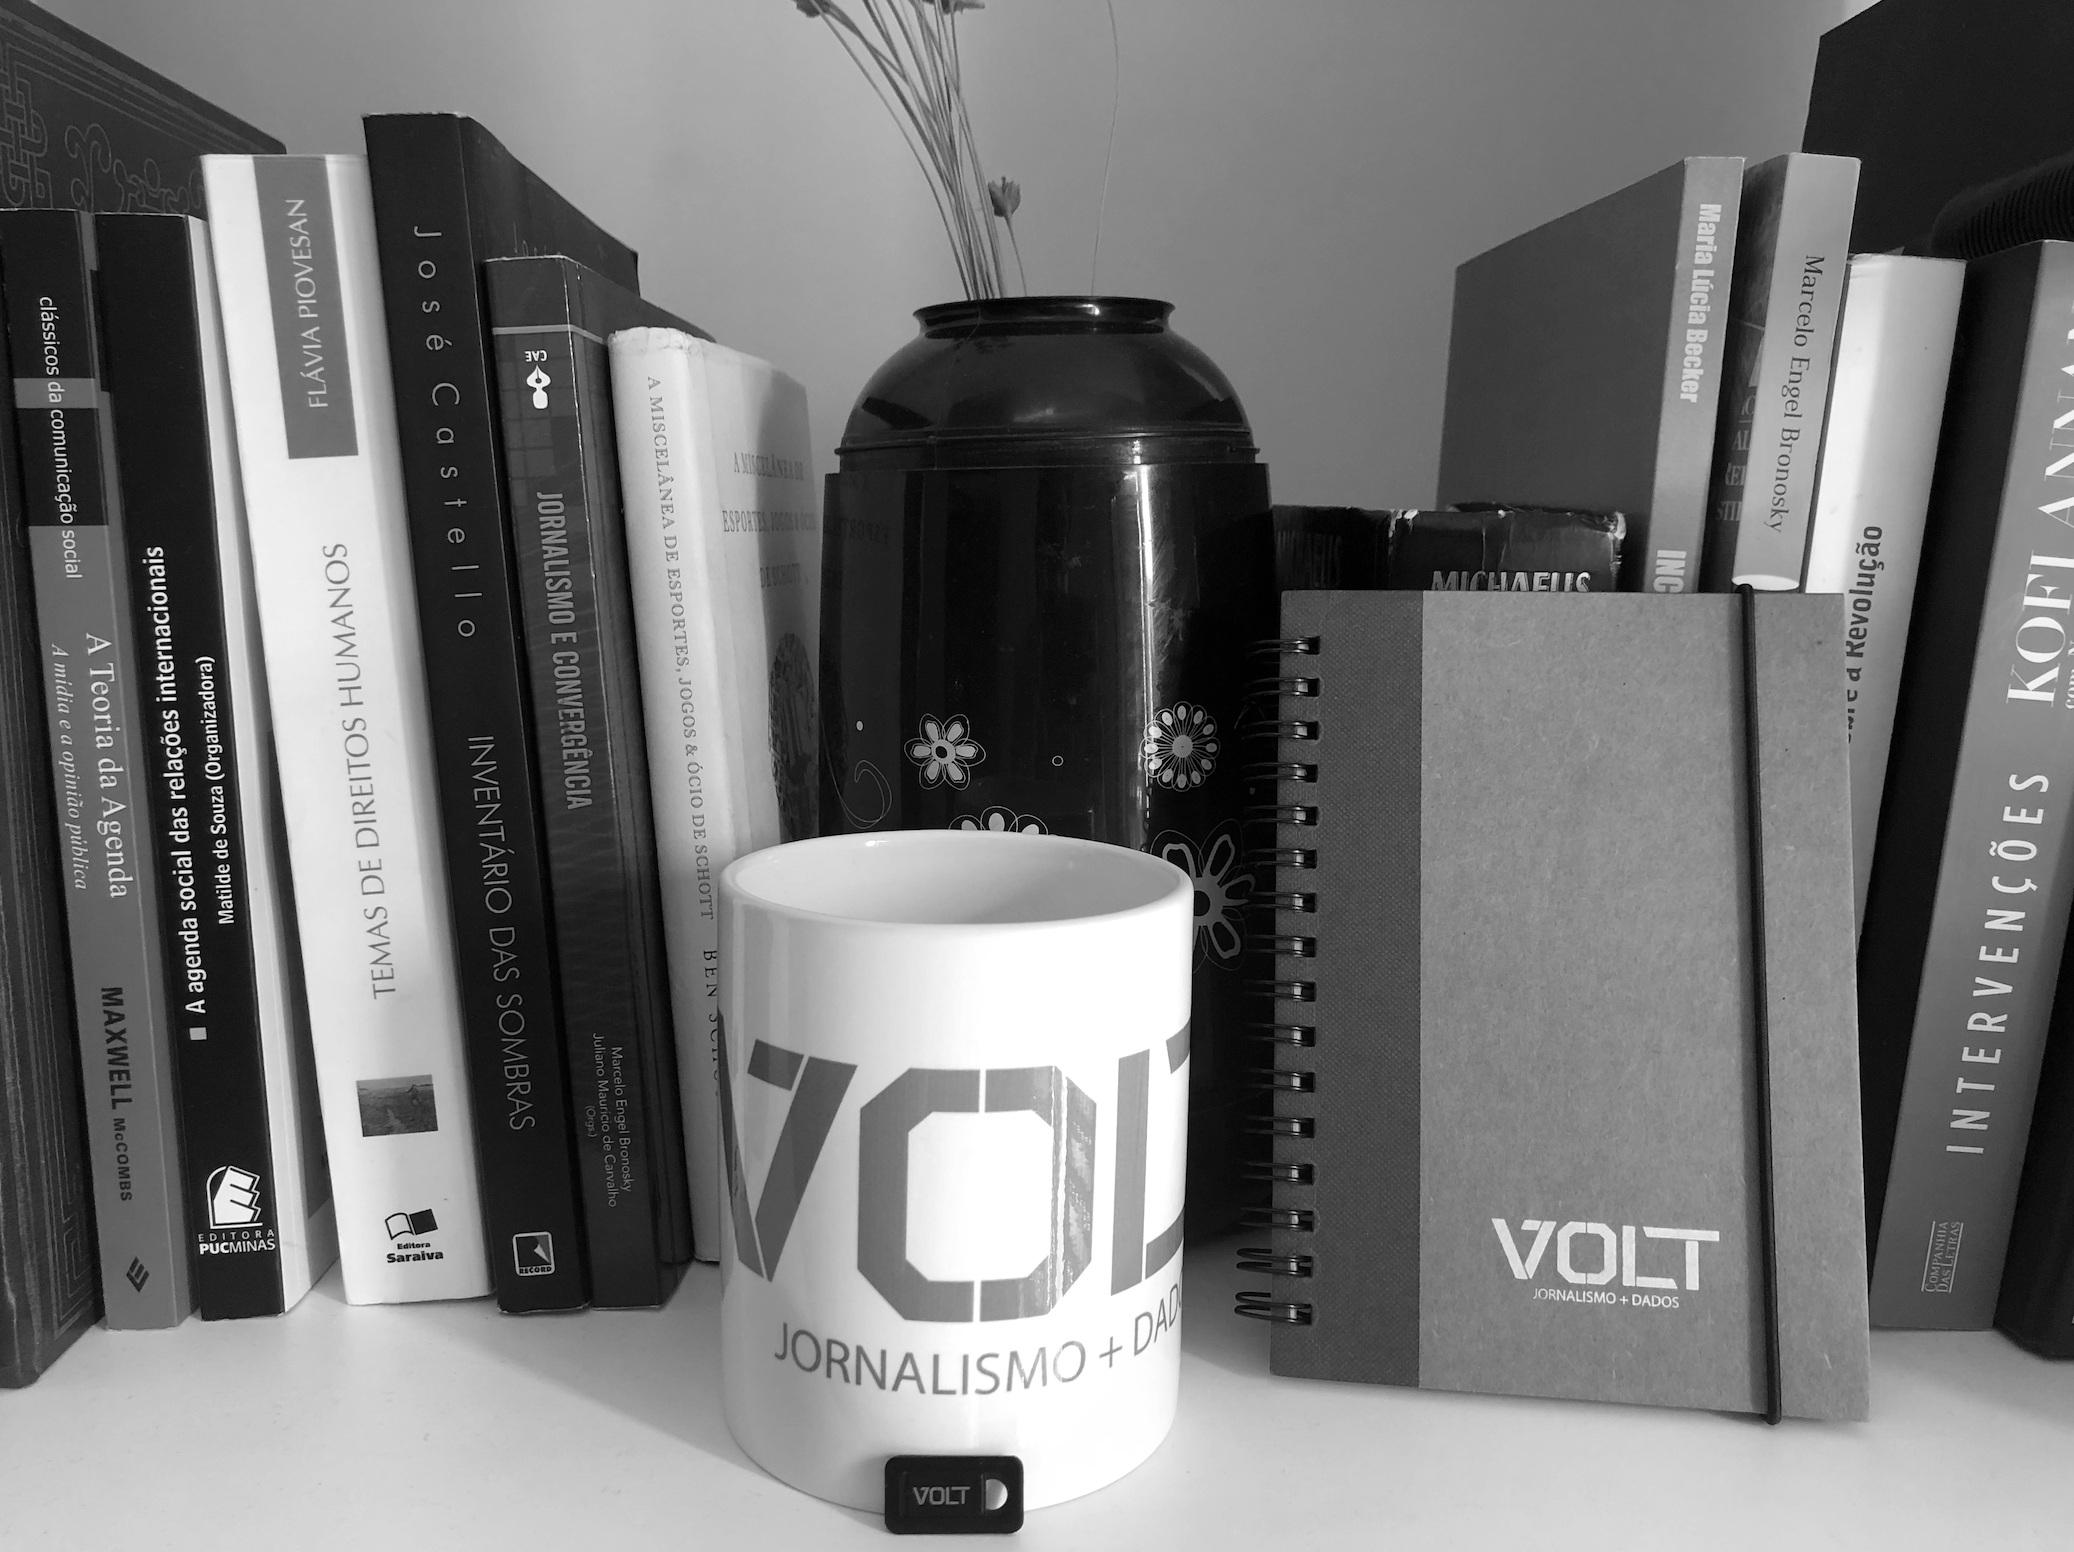 Sobre o Volt - Saiba nossa história, quem fez e por que fazemos o que fazemos - #ddj